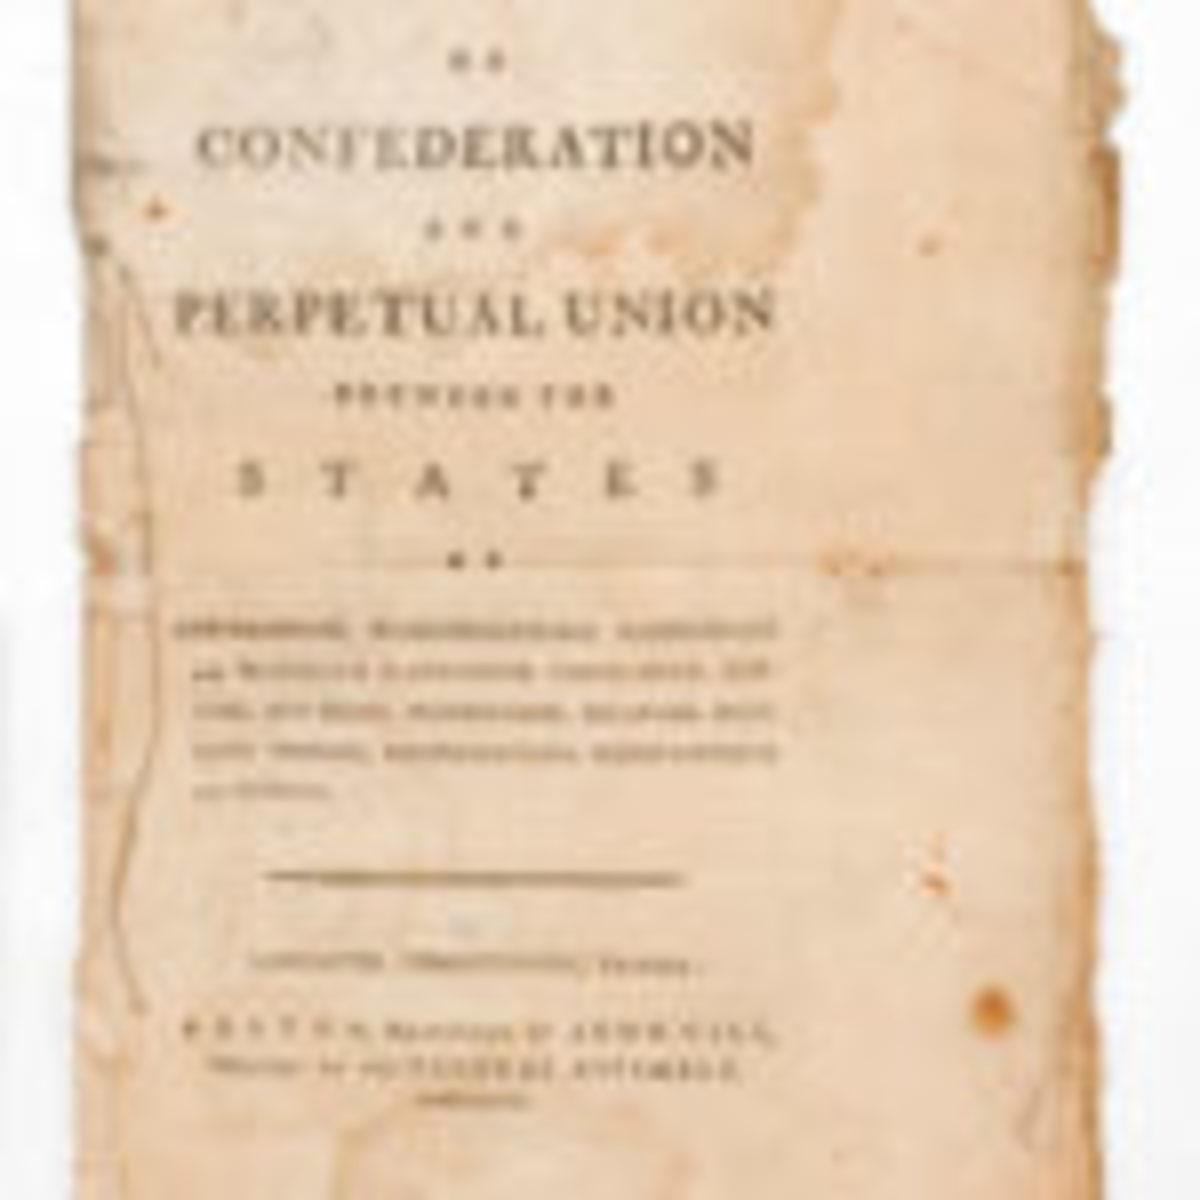 Articles of Confederation, $36,000